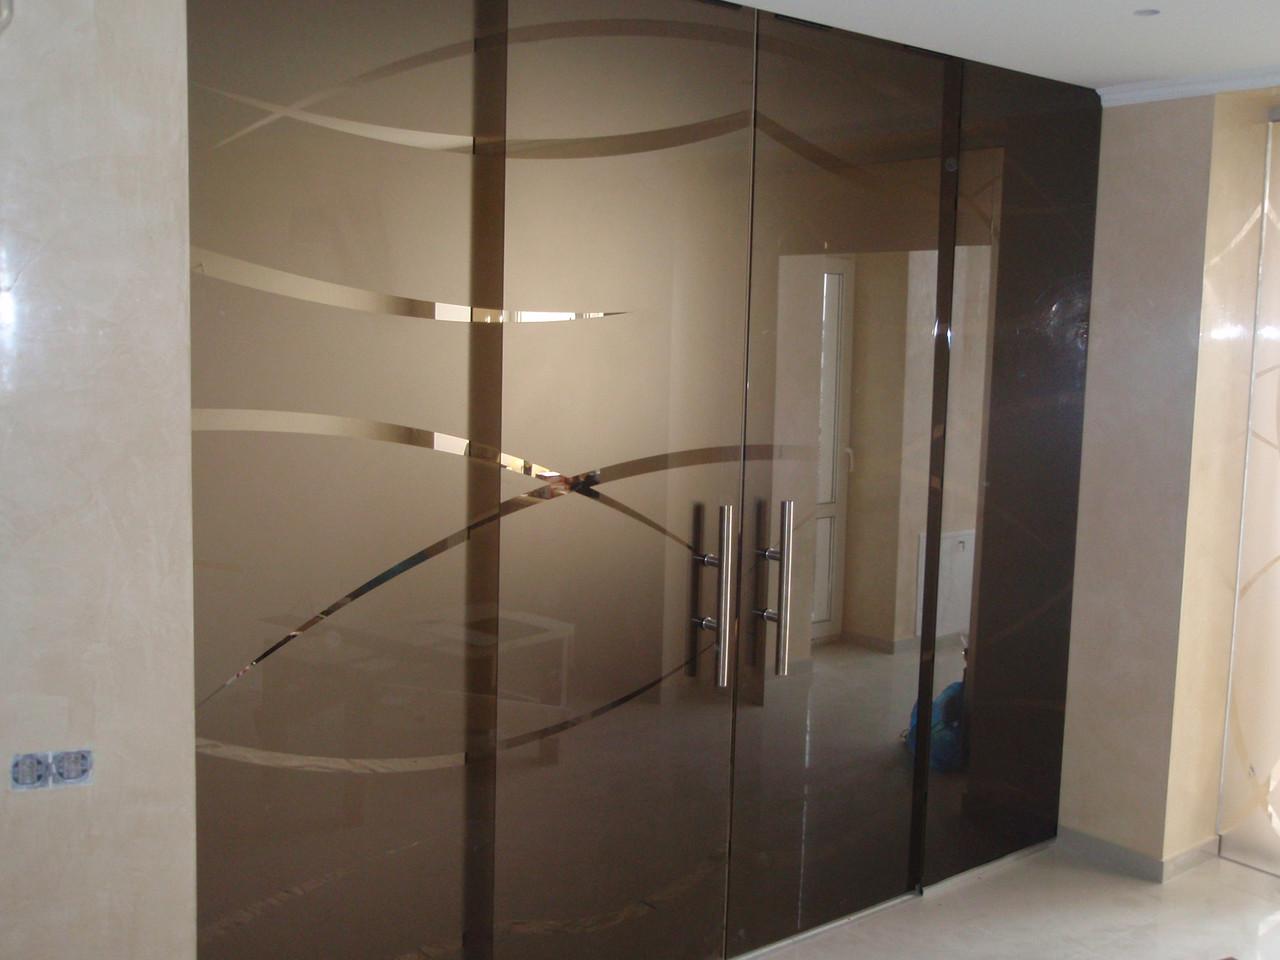 Стеклянные перегородки для дома с раздвижными дверьми.